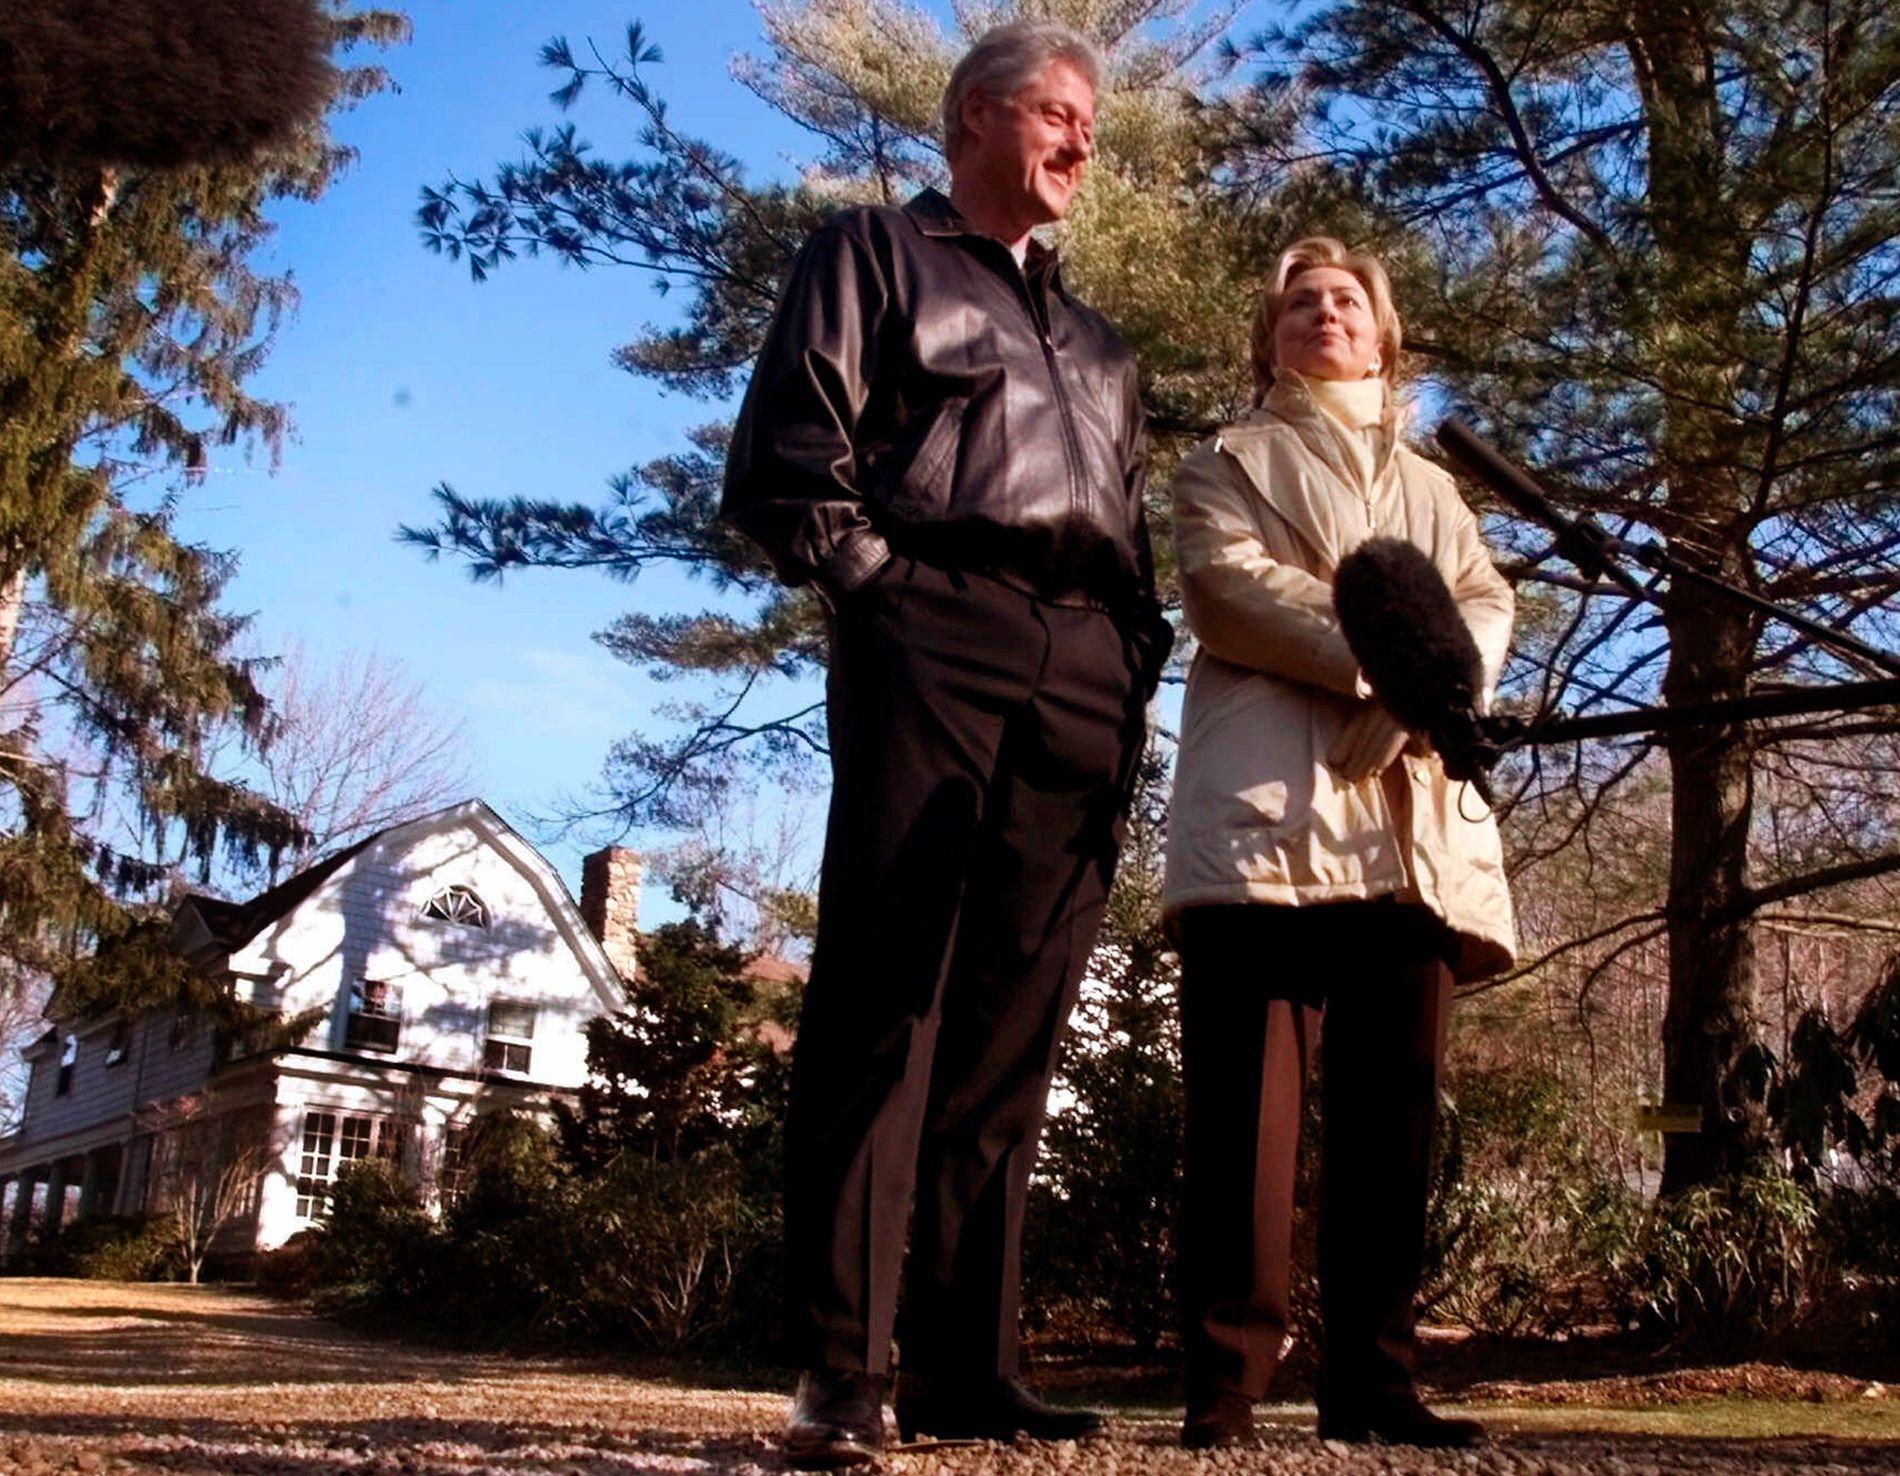 HUSET: Bill and Hillary Clinton utenfor huset i Chappaqua utenfor New York City, der bomben ble funnet. Bildet ble tatt i januar 2000.